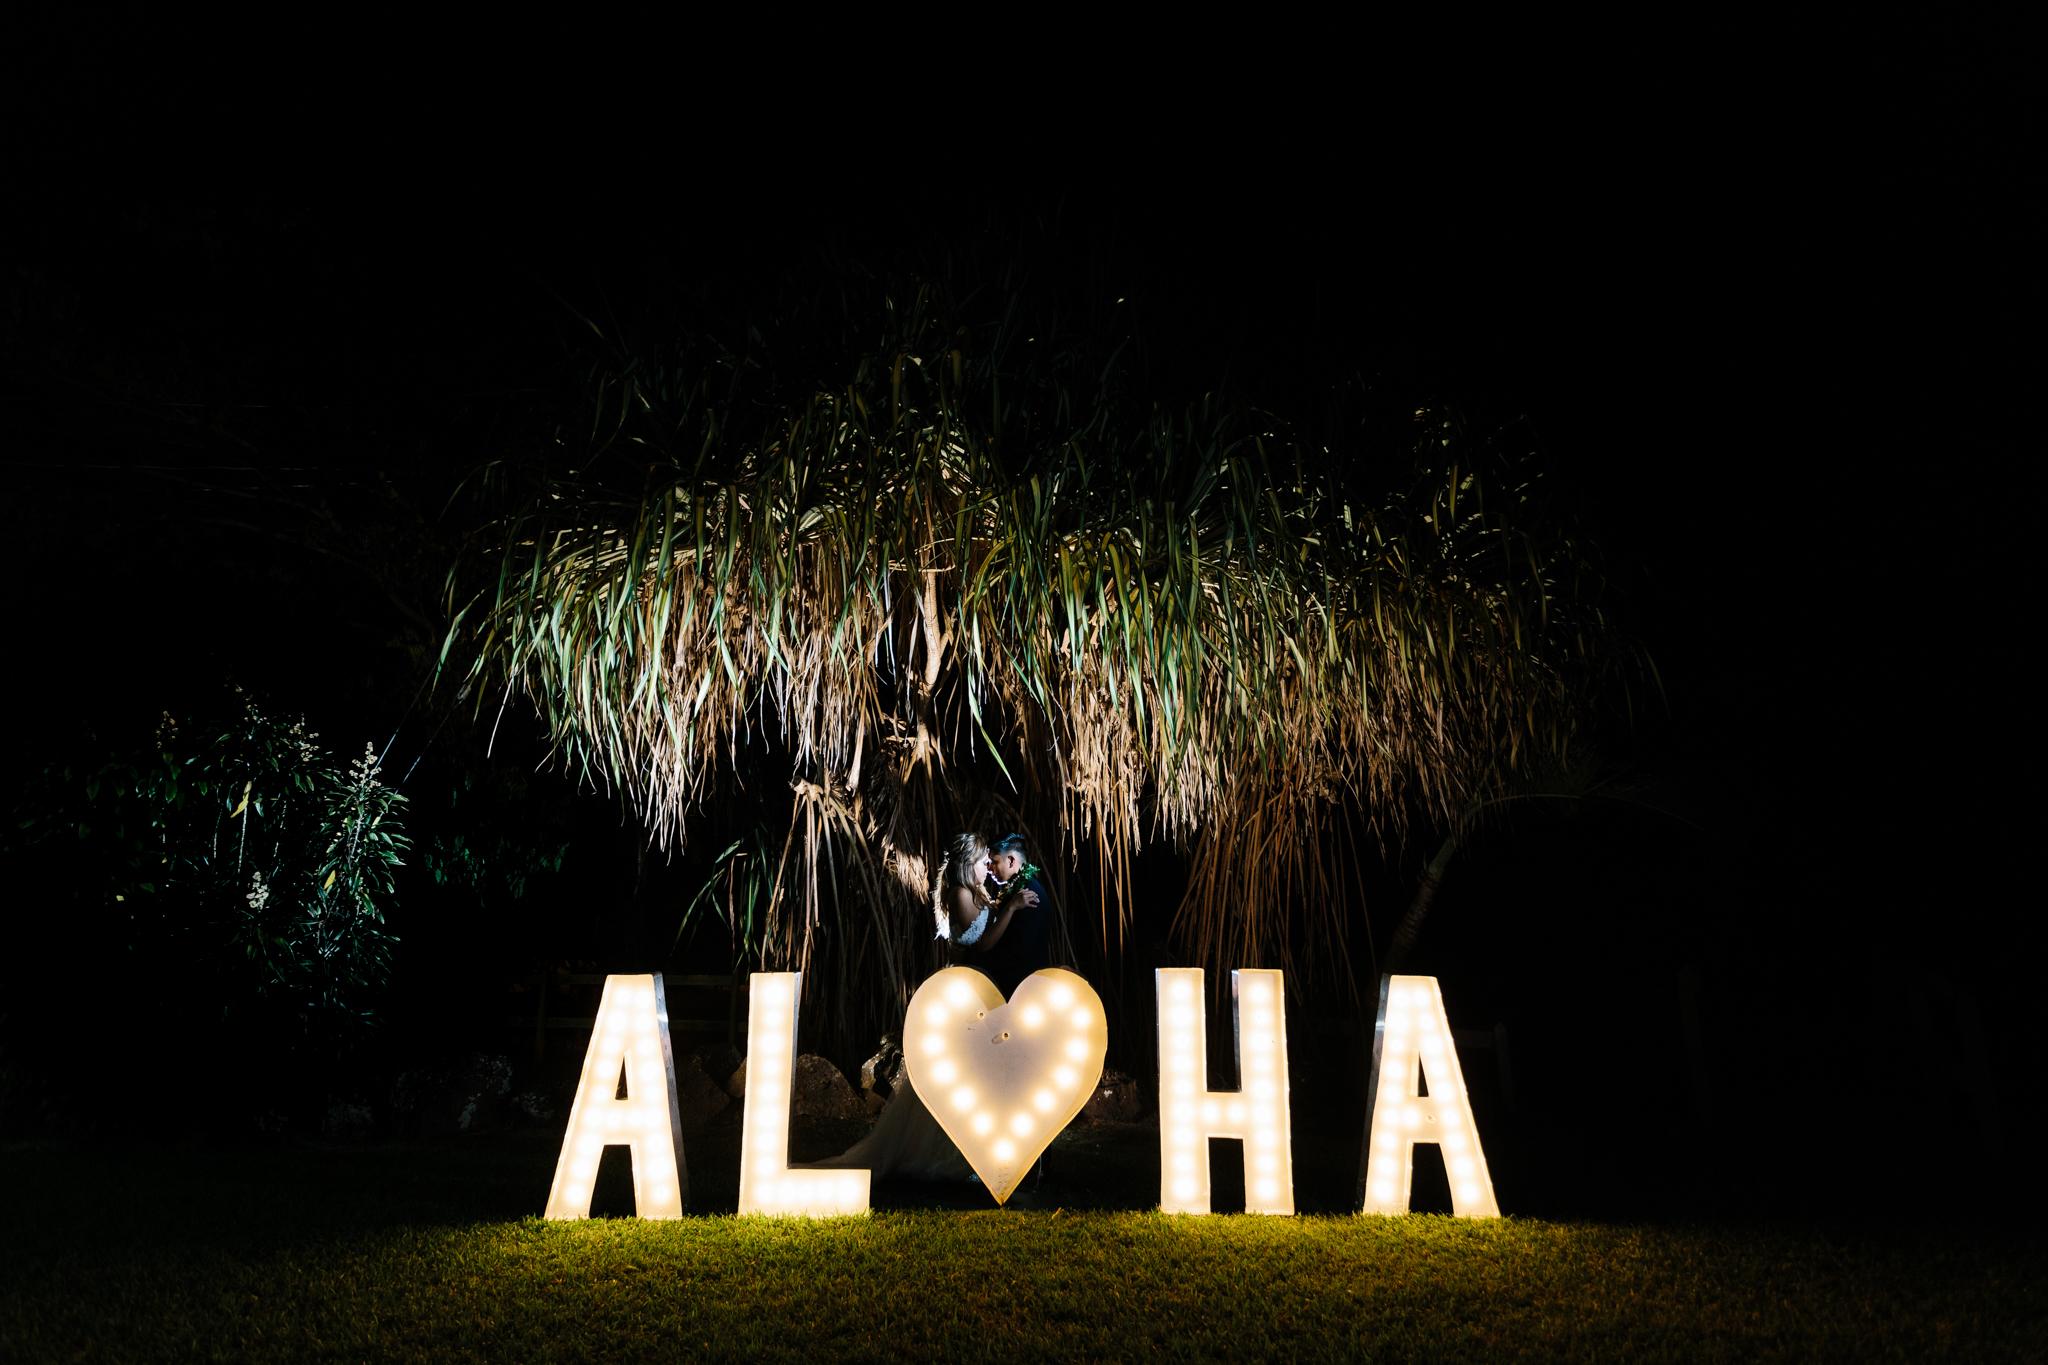 kualoa_ranch_wedding_photography_tone_hawaii-103.jpg